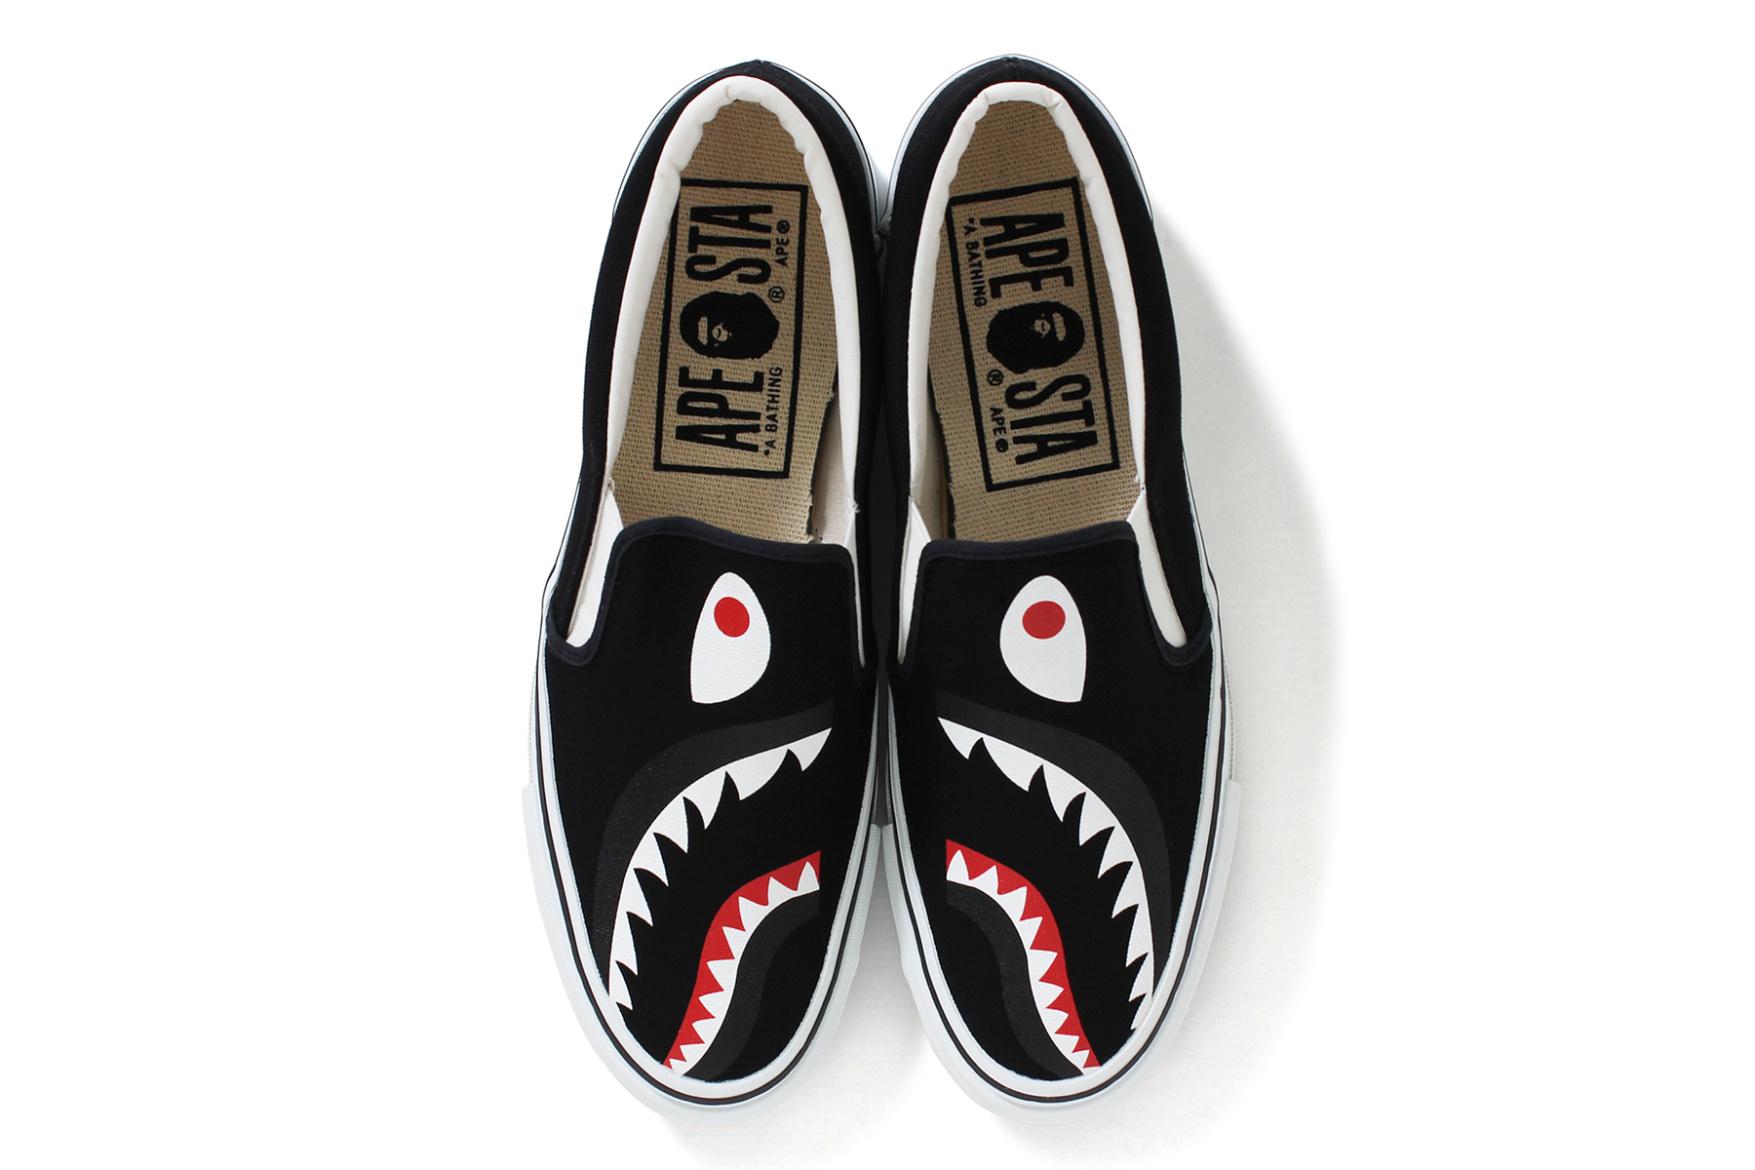 BAPE Releases Shark-Inspired Slip-On